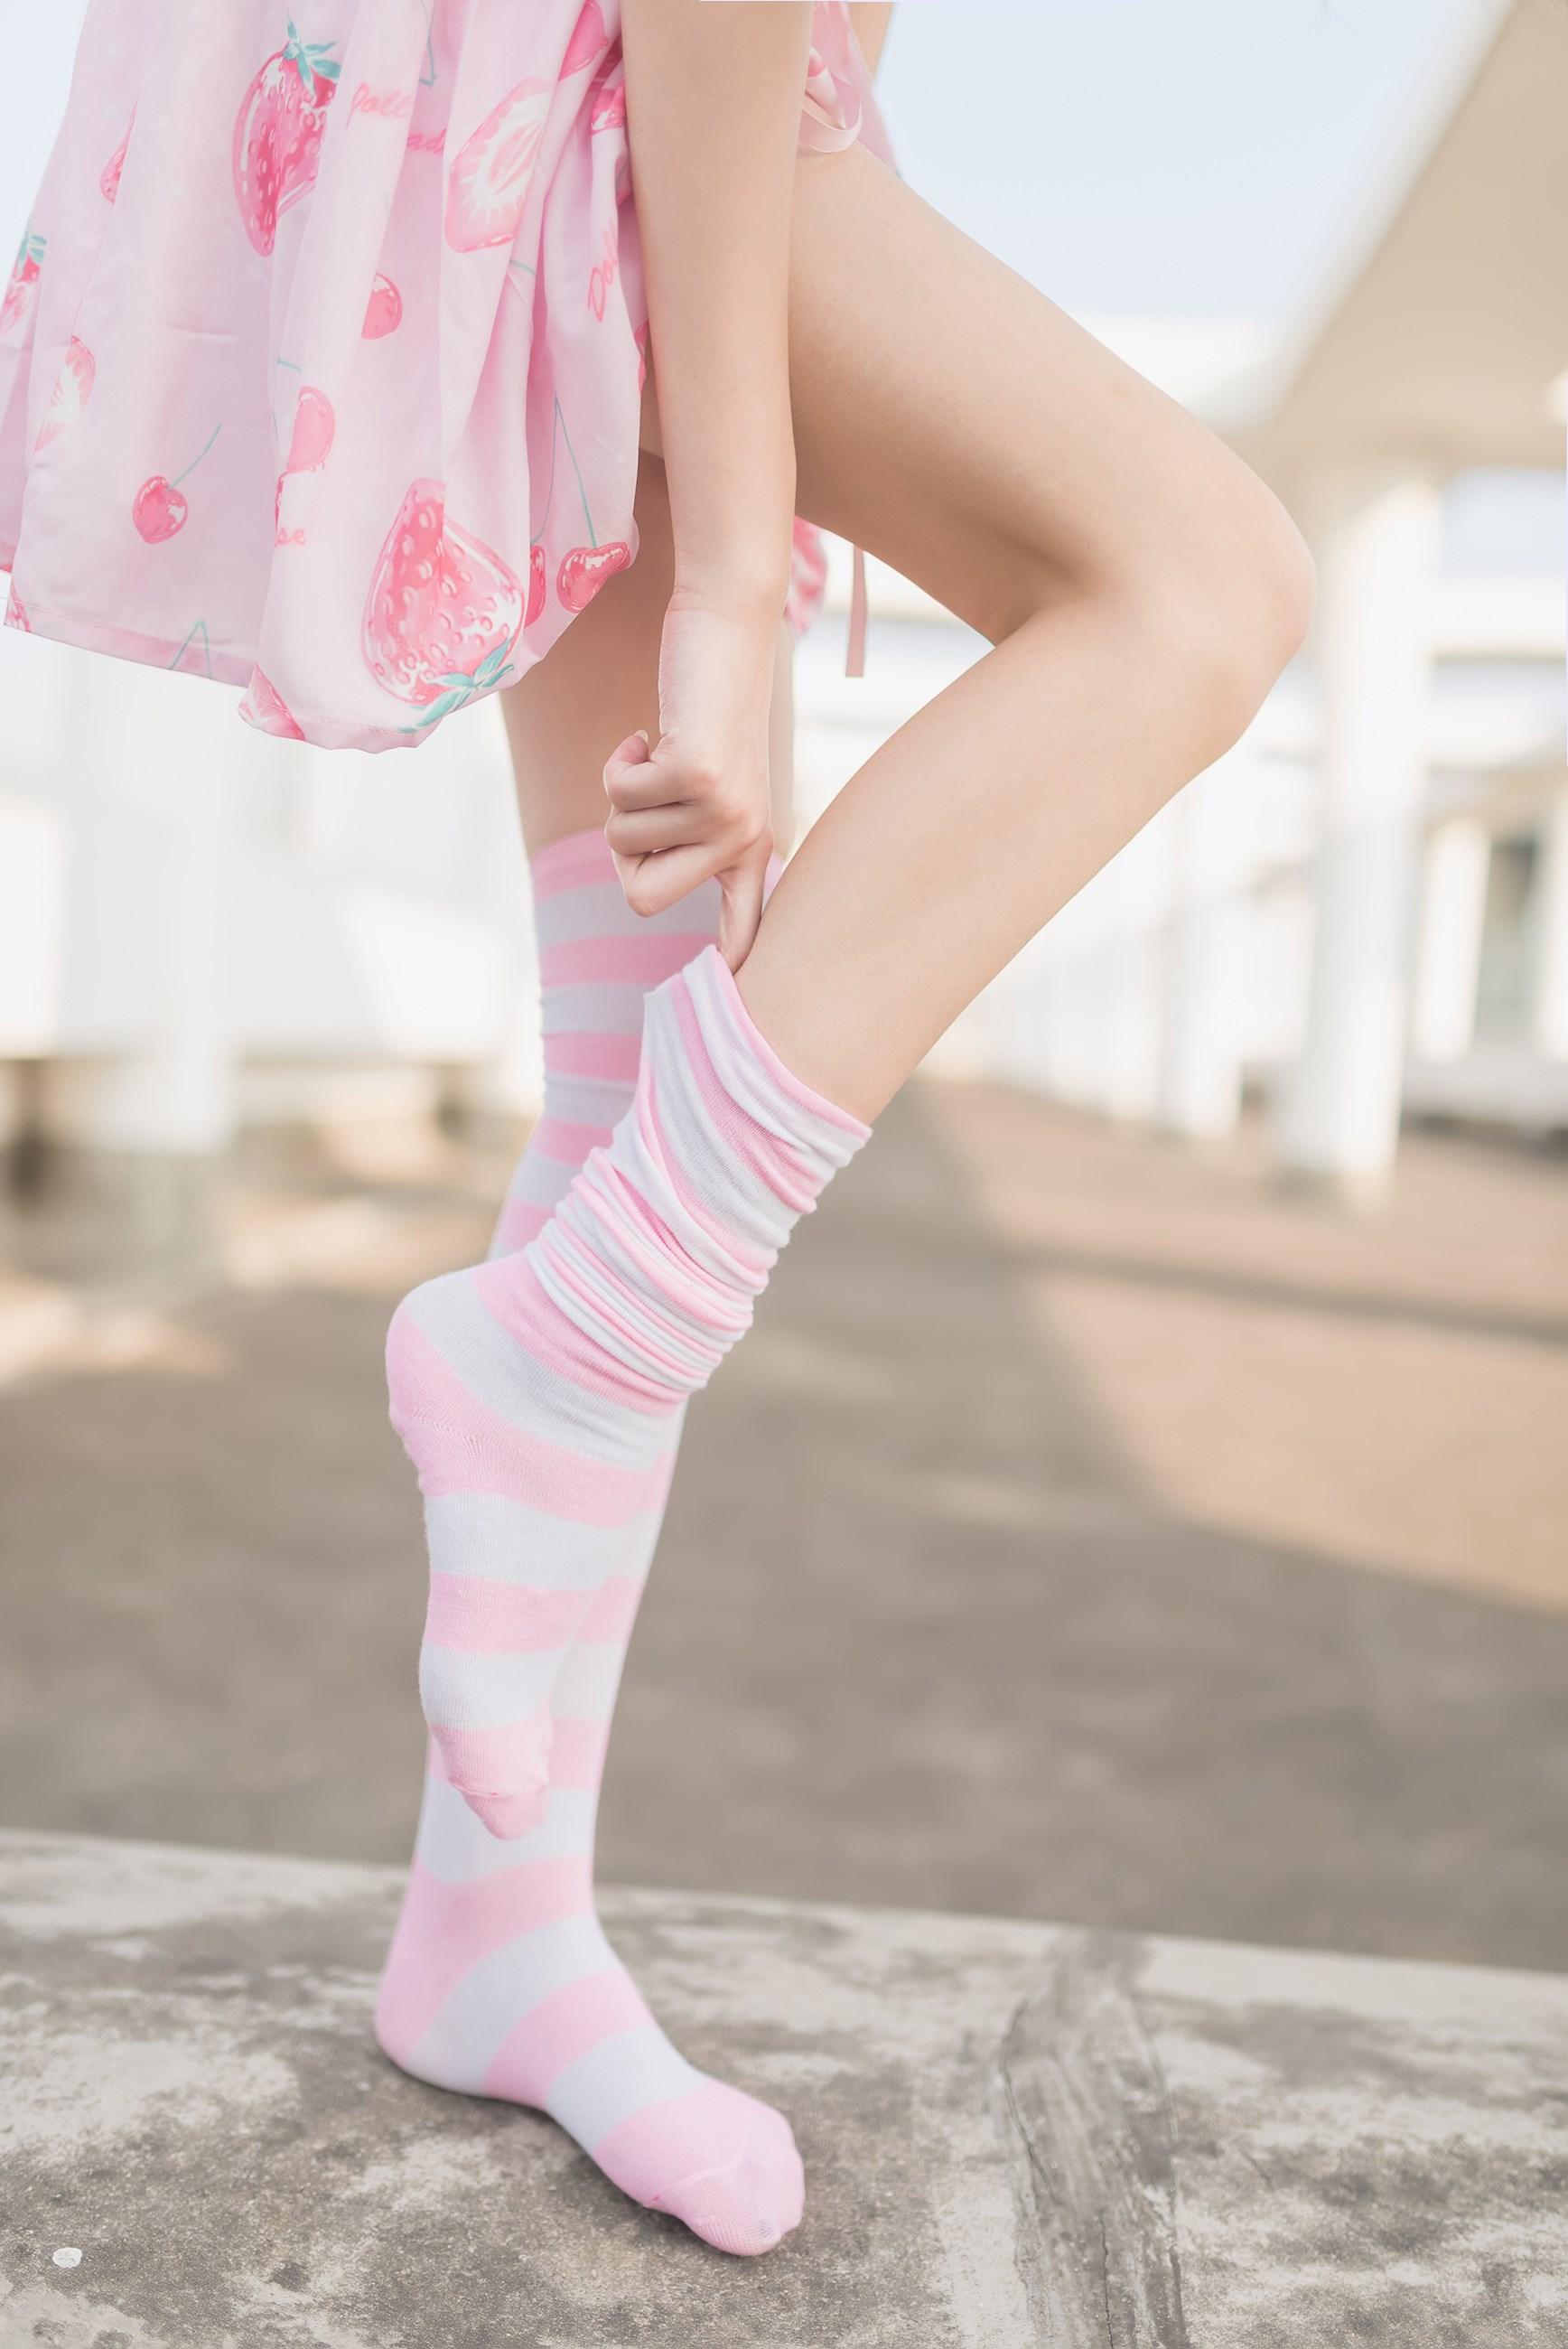 【兔玩映画】粉白条纹 兔玩映画 第35张